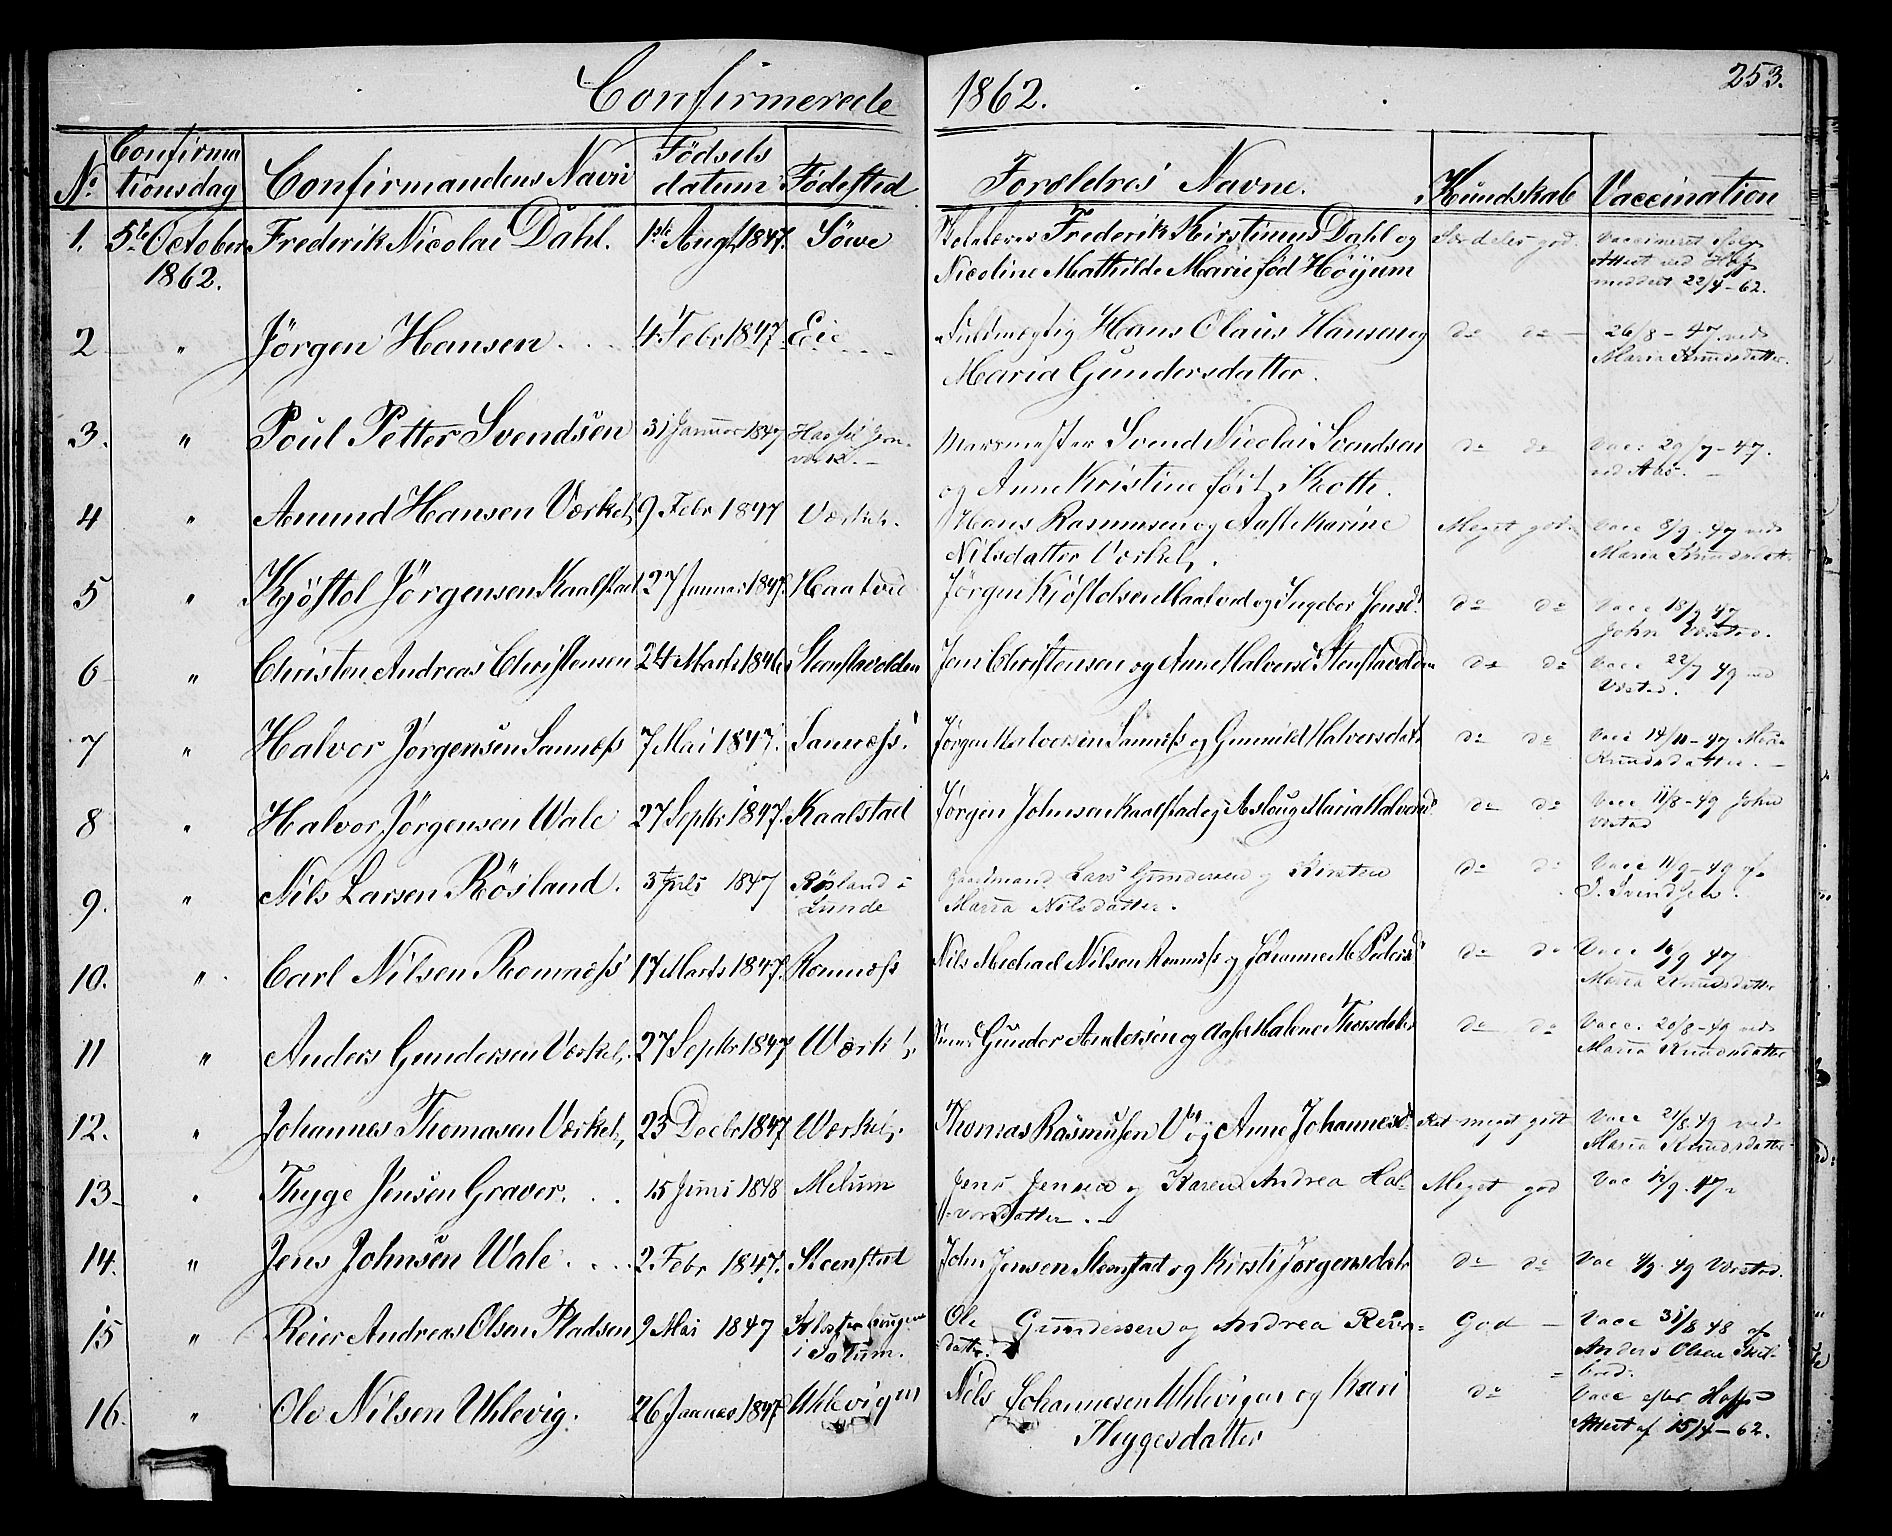 SAKO, Holla kirkebøker, G/Ga/L0003: Klokkerbok nr. I 3, 1849-1866, s. 253